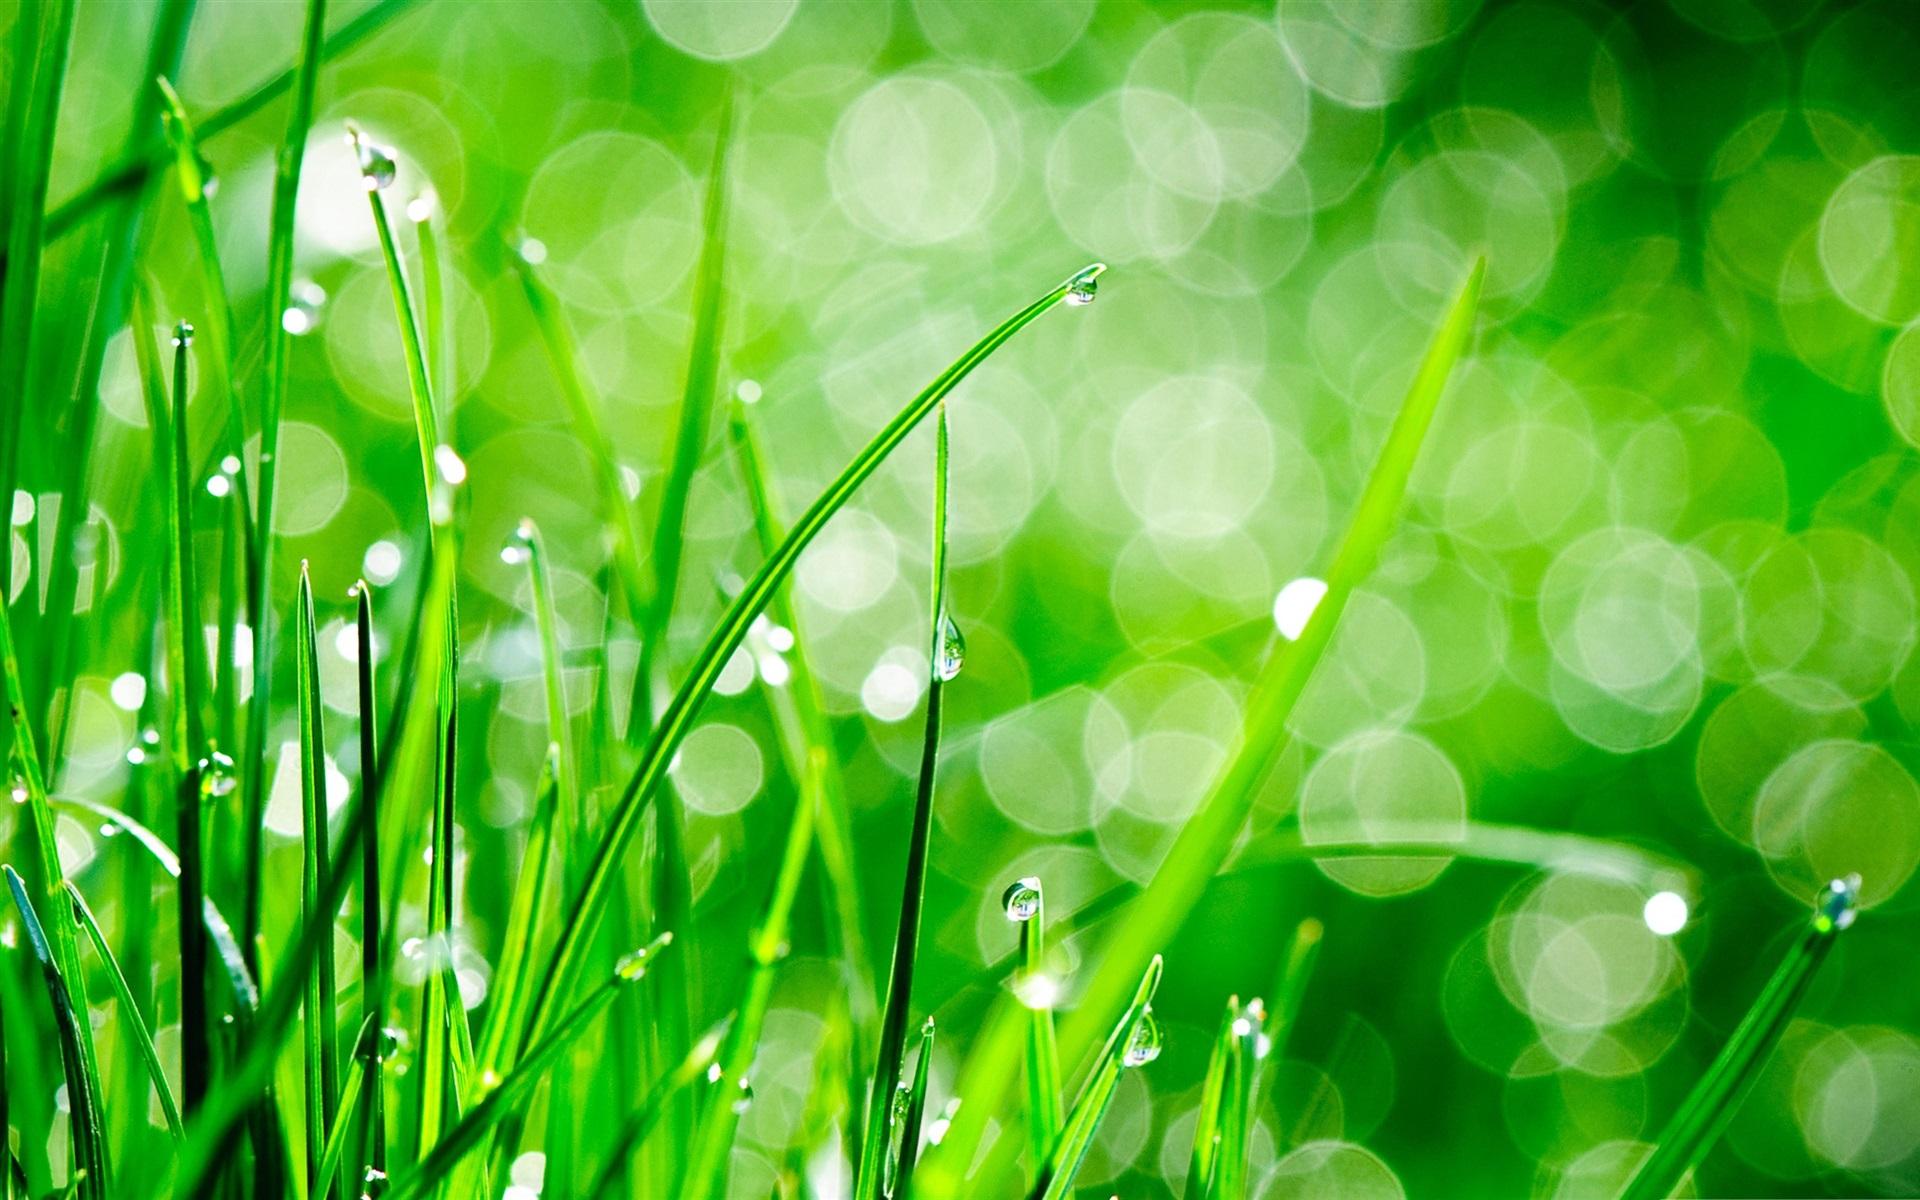 россии картинки в бело зеленых тонах можно найти